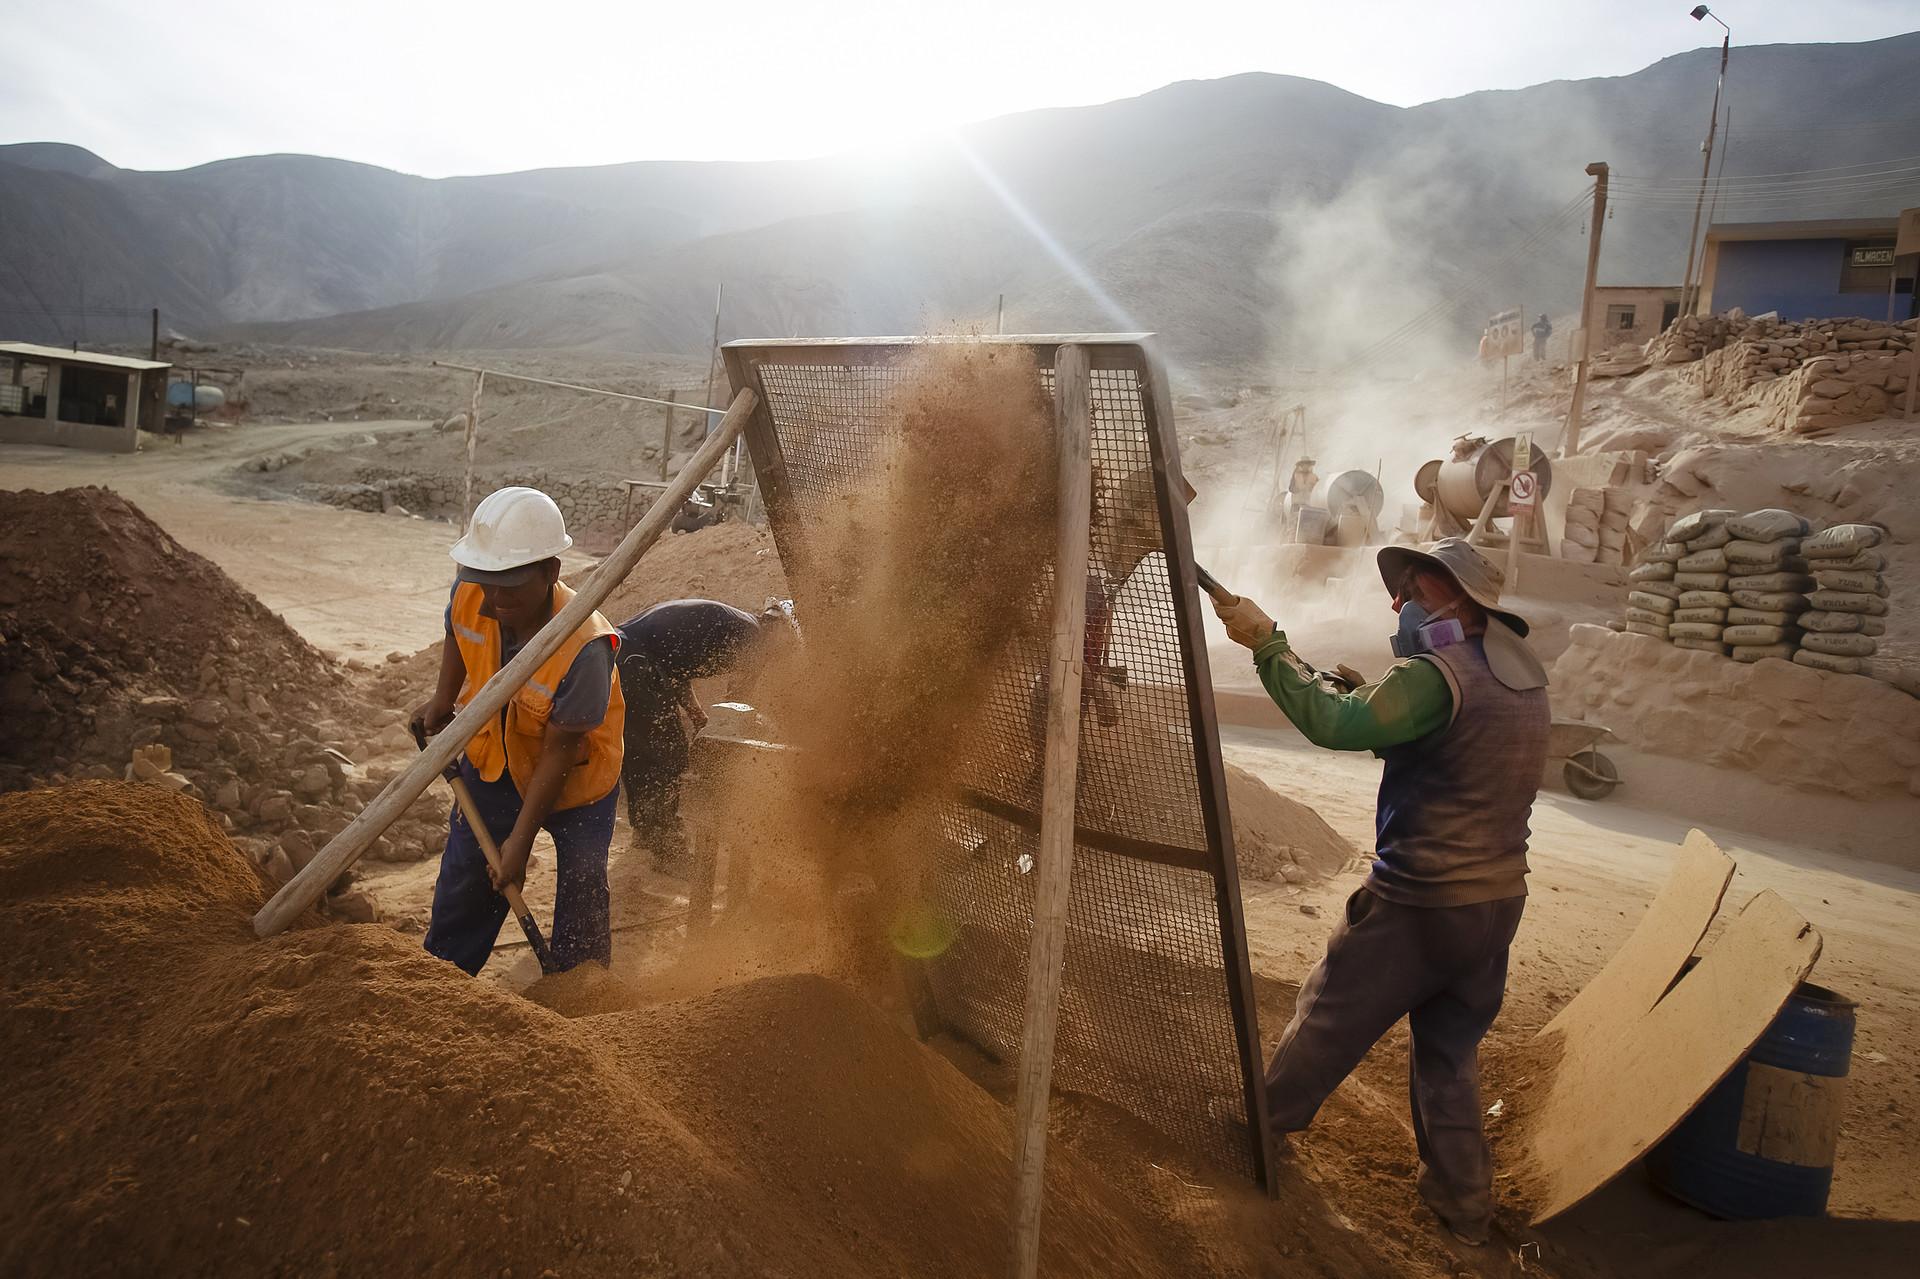 Mineros cuelan materiales que contienen oro en el pueblo minero de Relave, en la provincia de Parinacochas, en Ayacucho, Perú, el 20 de febrero de 2014.